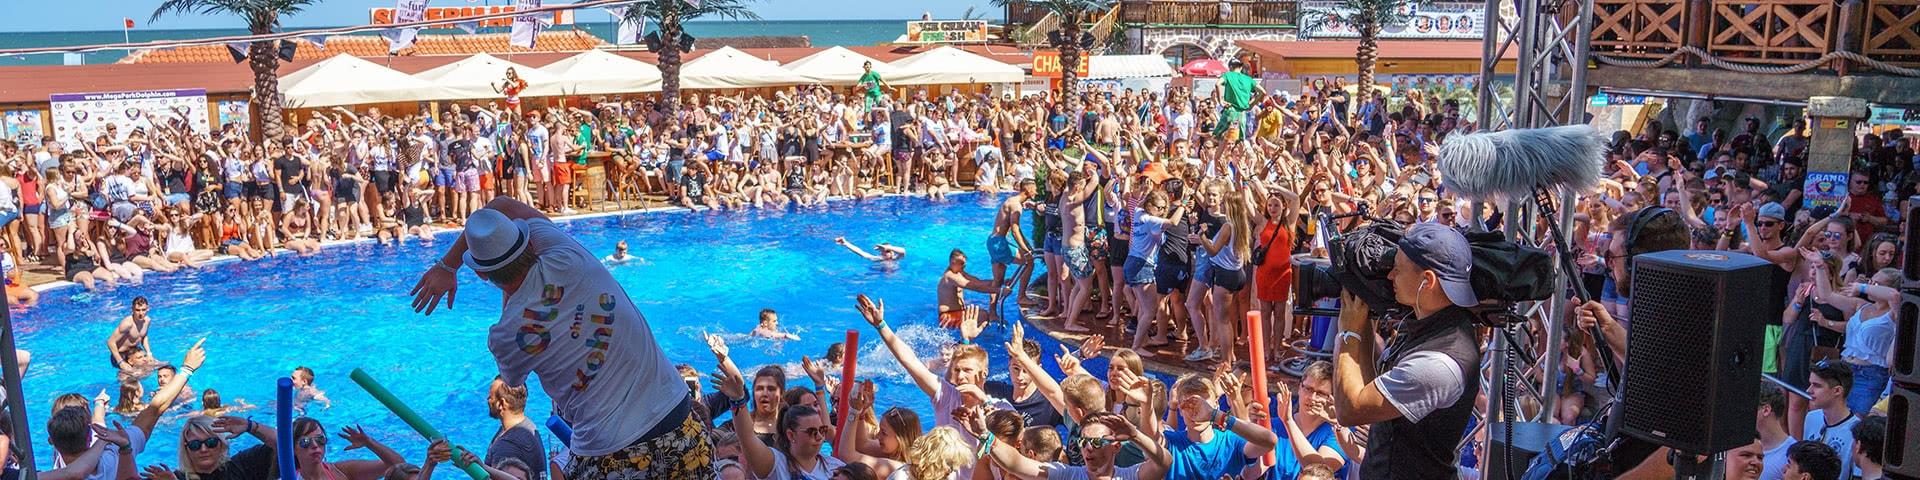 Partystimmung im Dolphin Megapark in Bulgarien